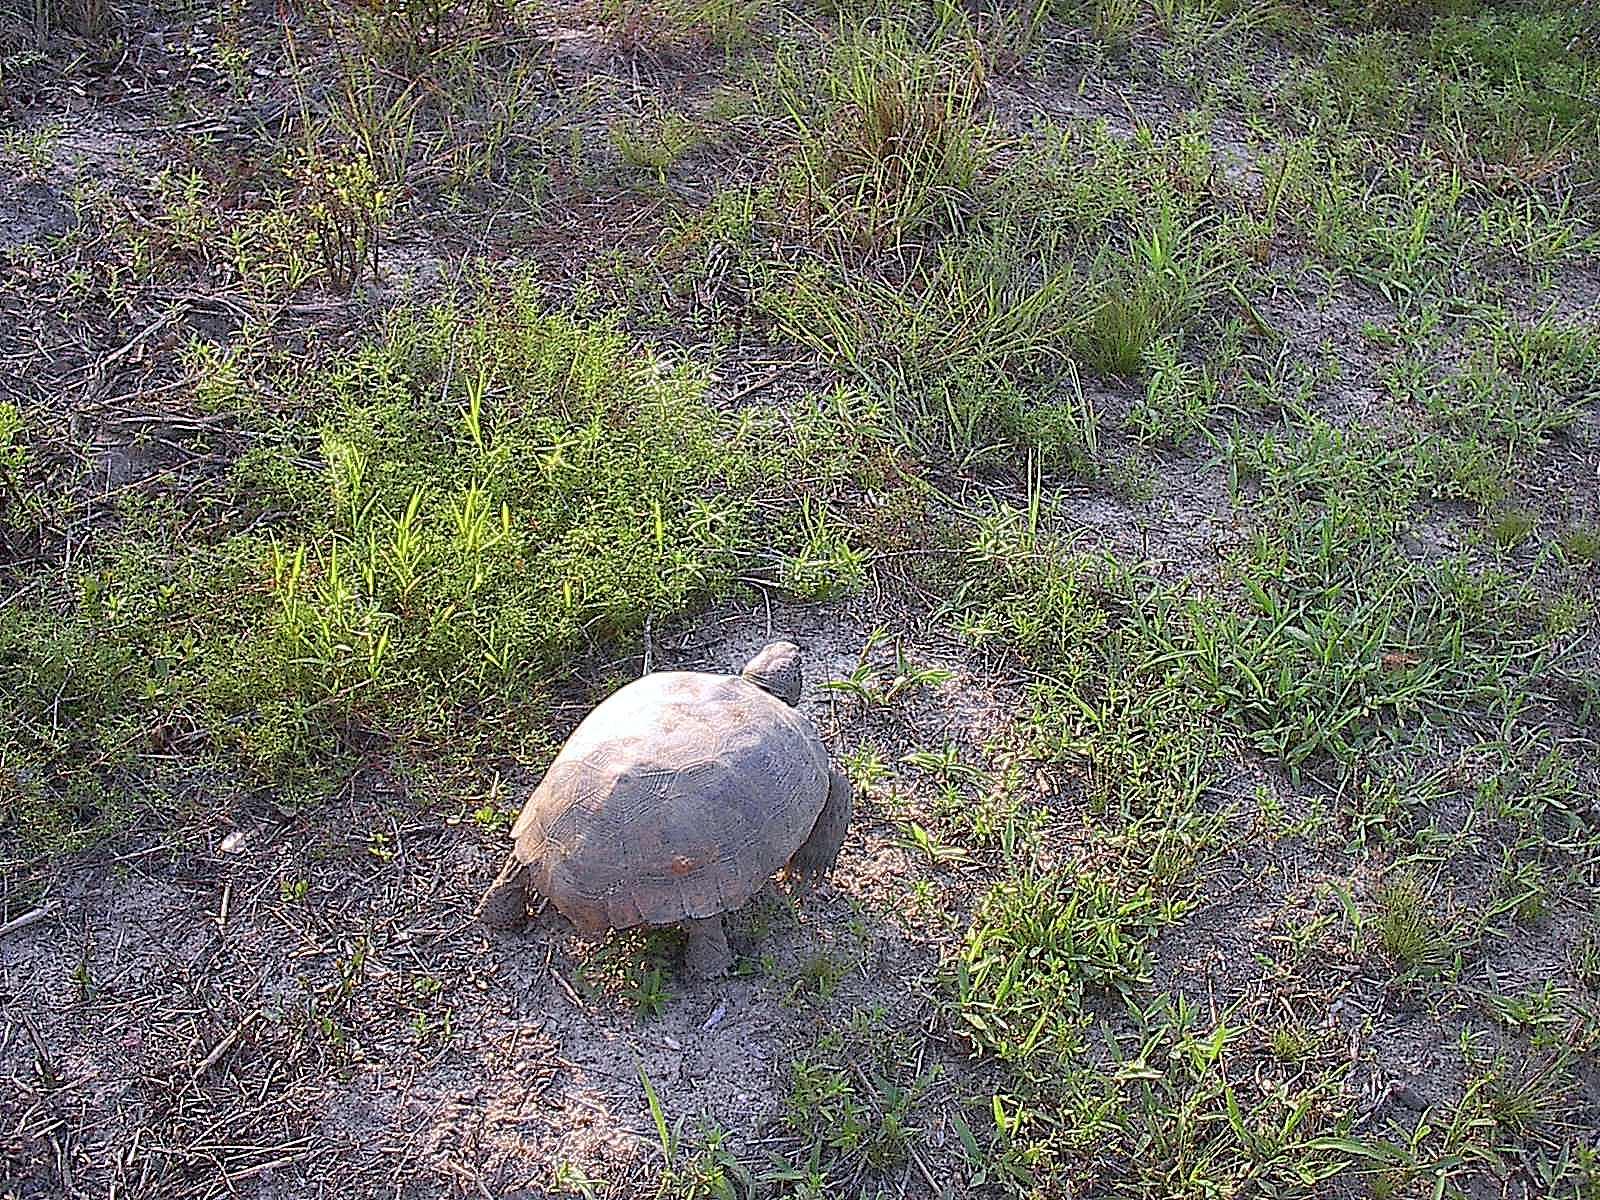 gopher tortoise 2004 - 3